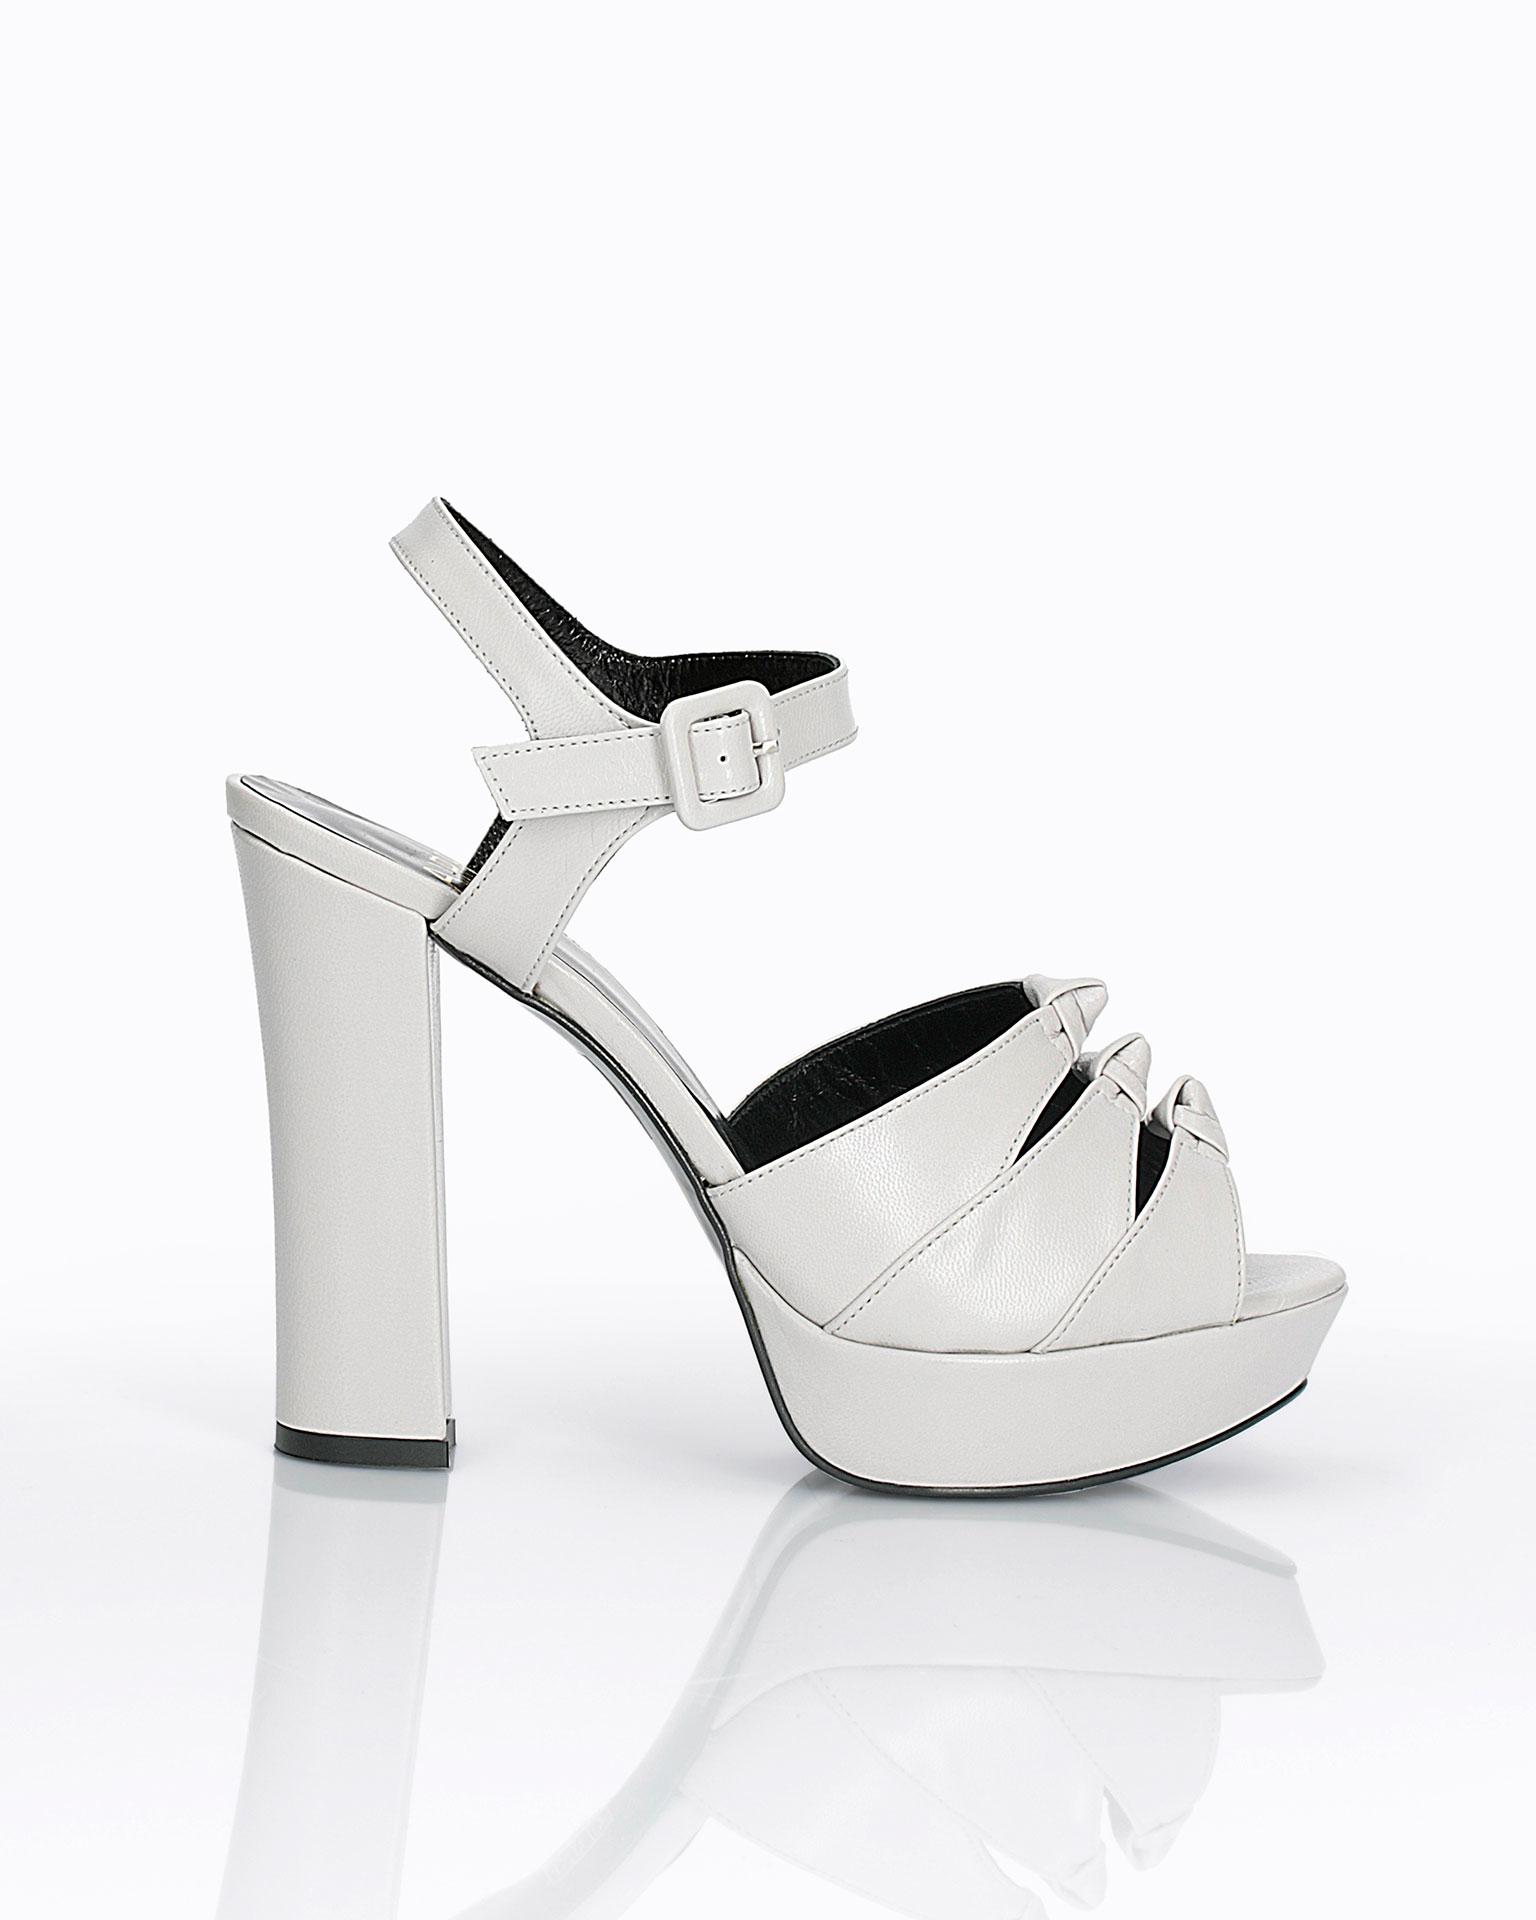 皮质晚礼服鞋。 高跟配脚背蝴蝶结设计。 FIESTA AIRE BARCELONA 新品系列 2019.